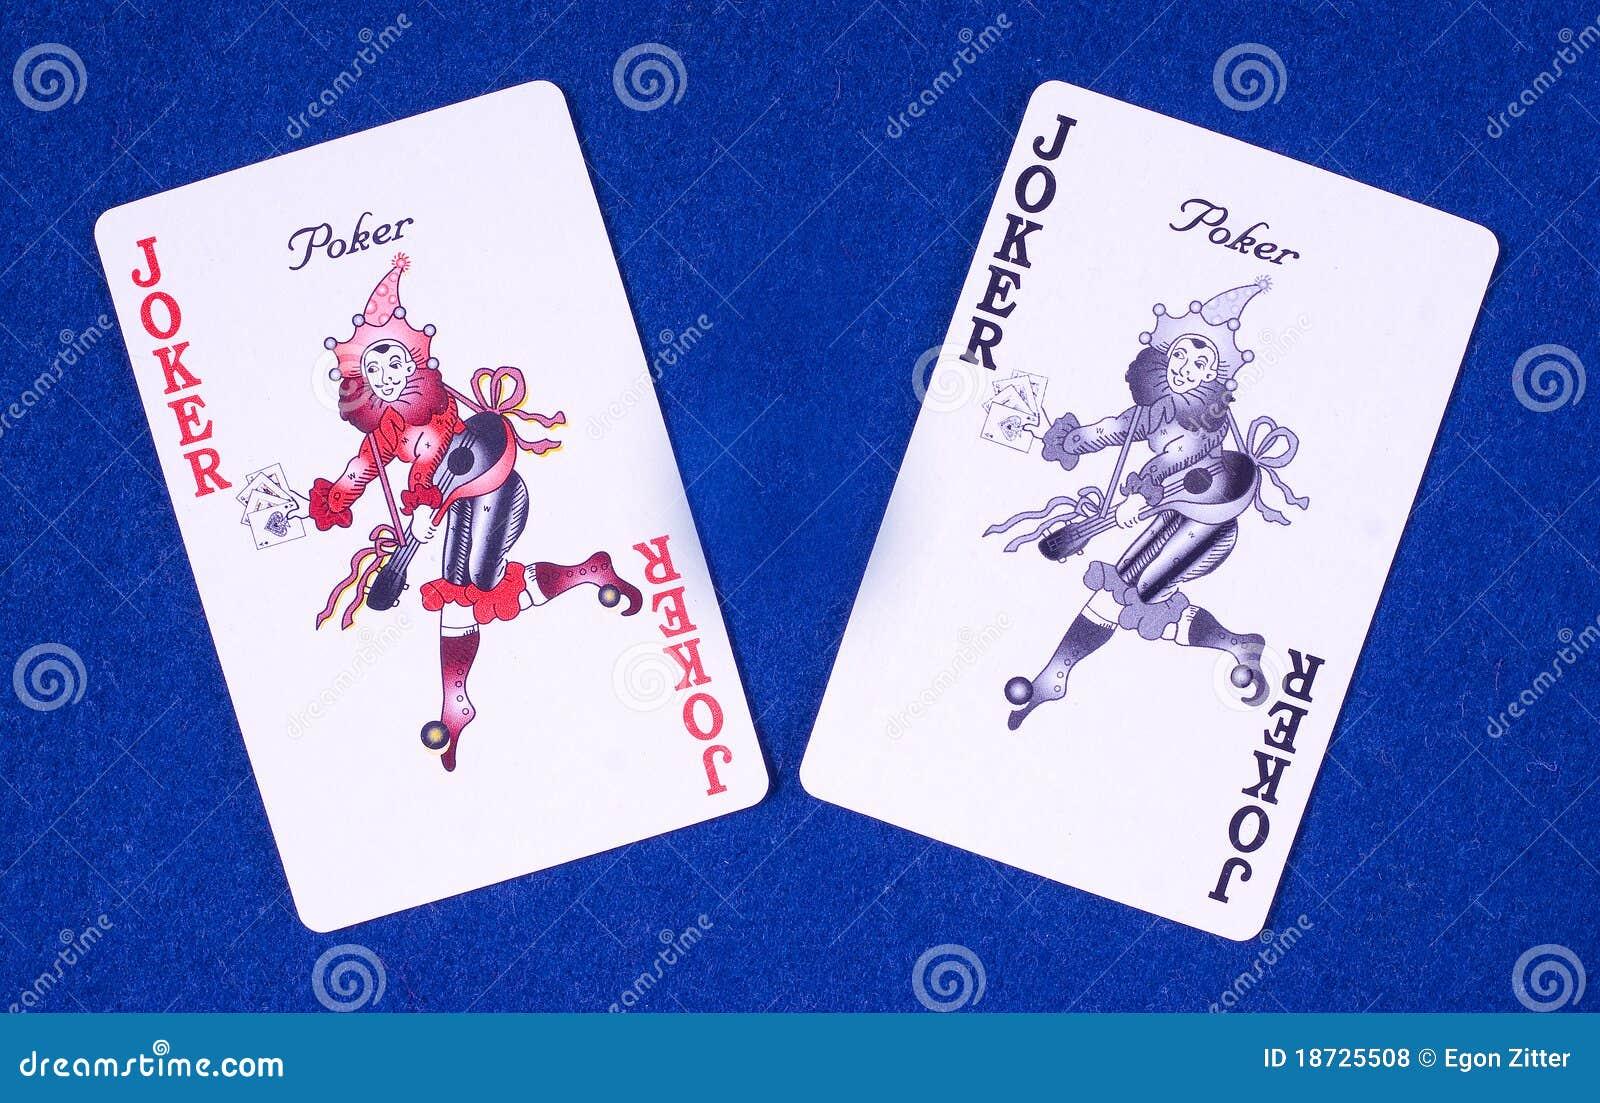 online casino joker poker